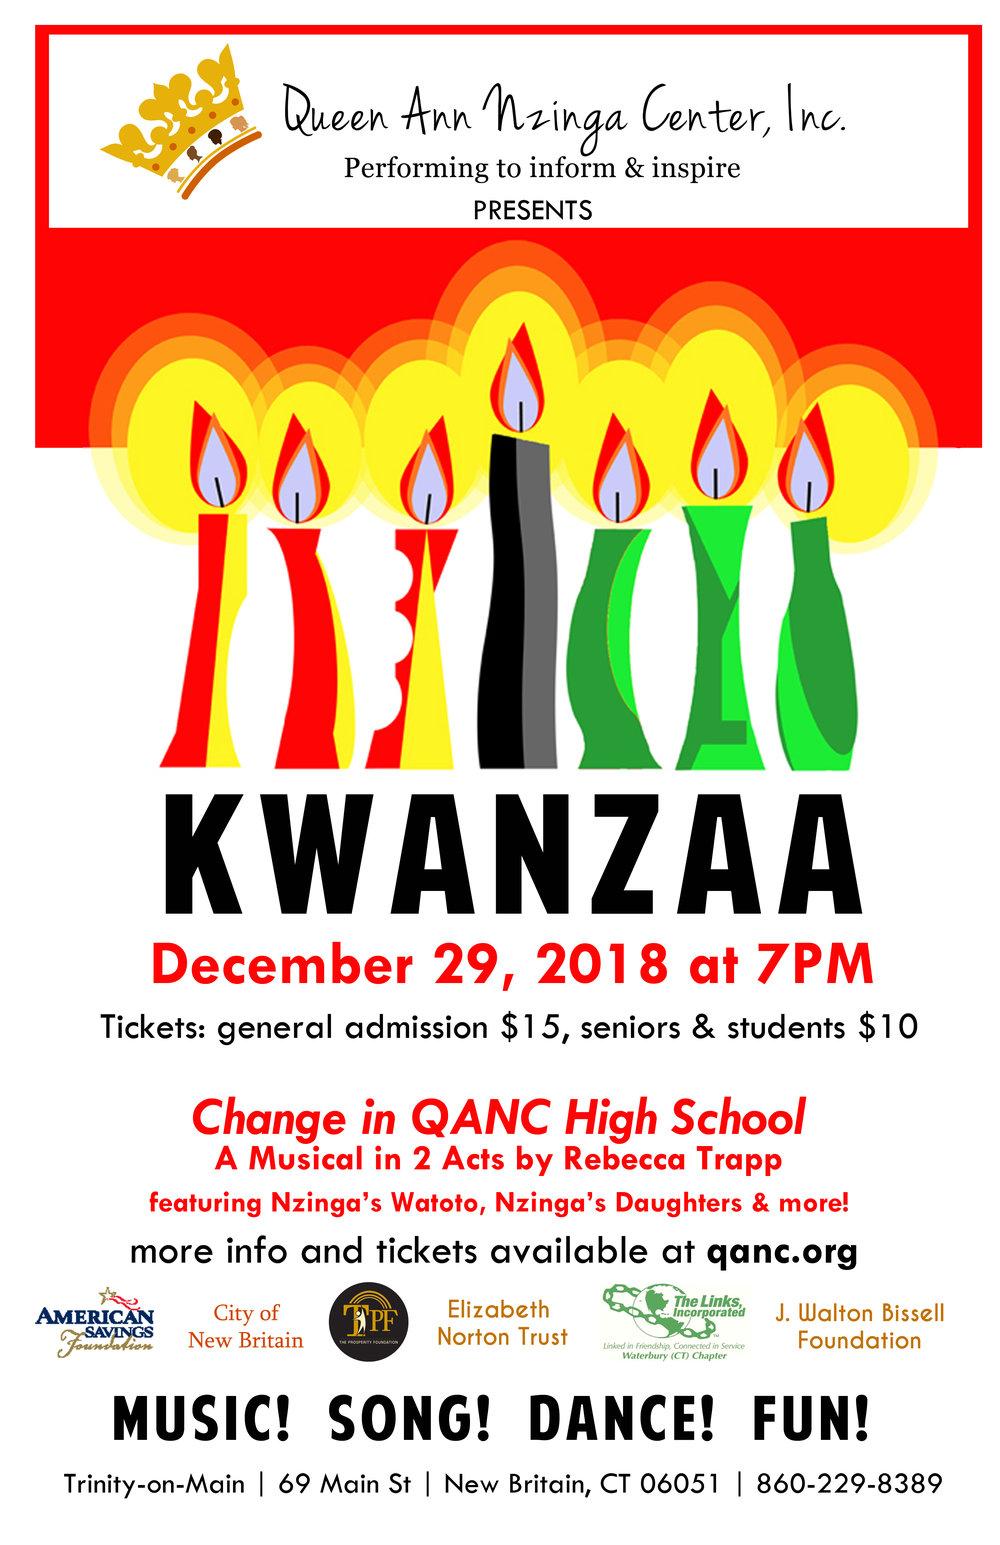 kwanzaa 2018 poster.jpg